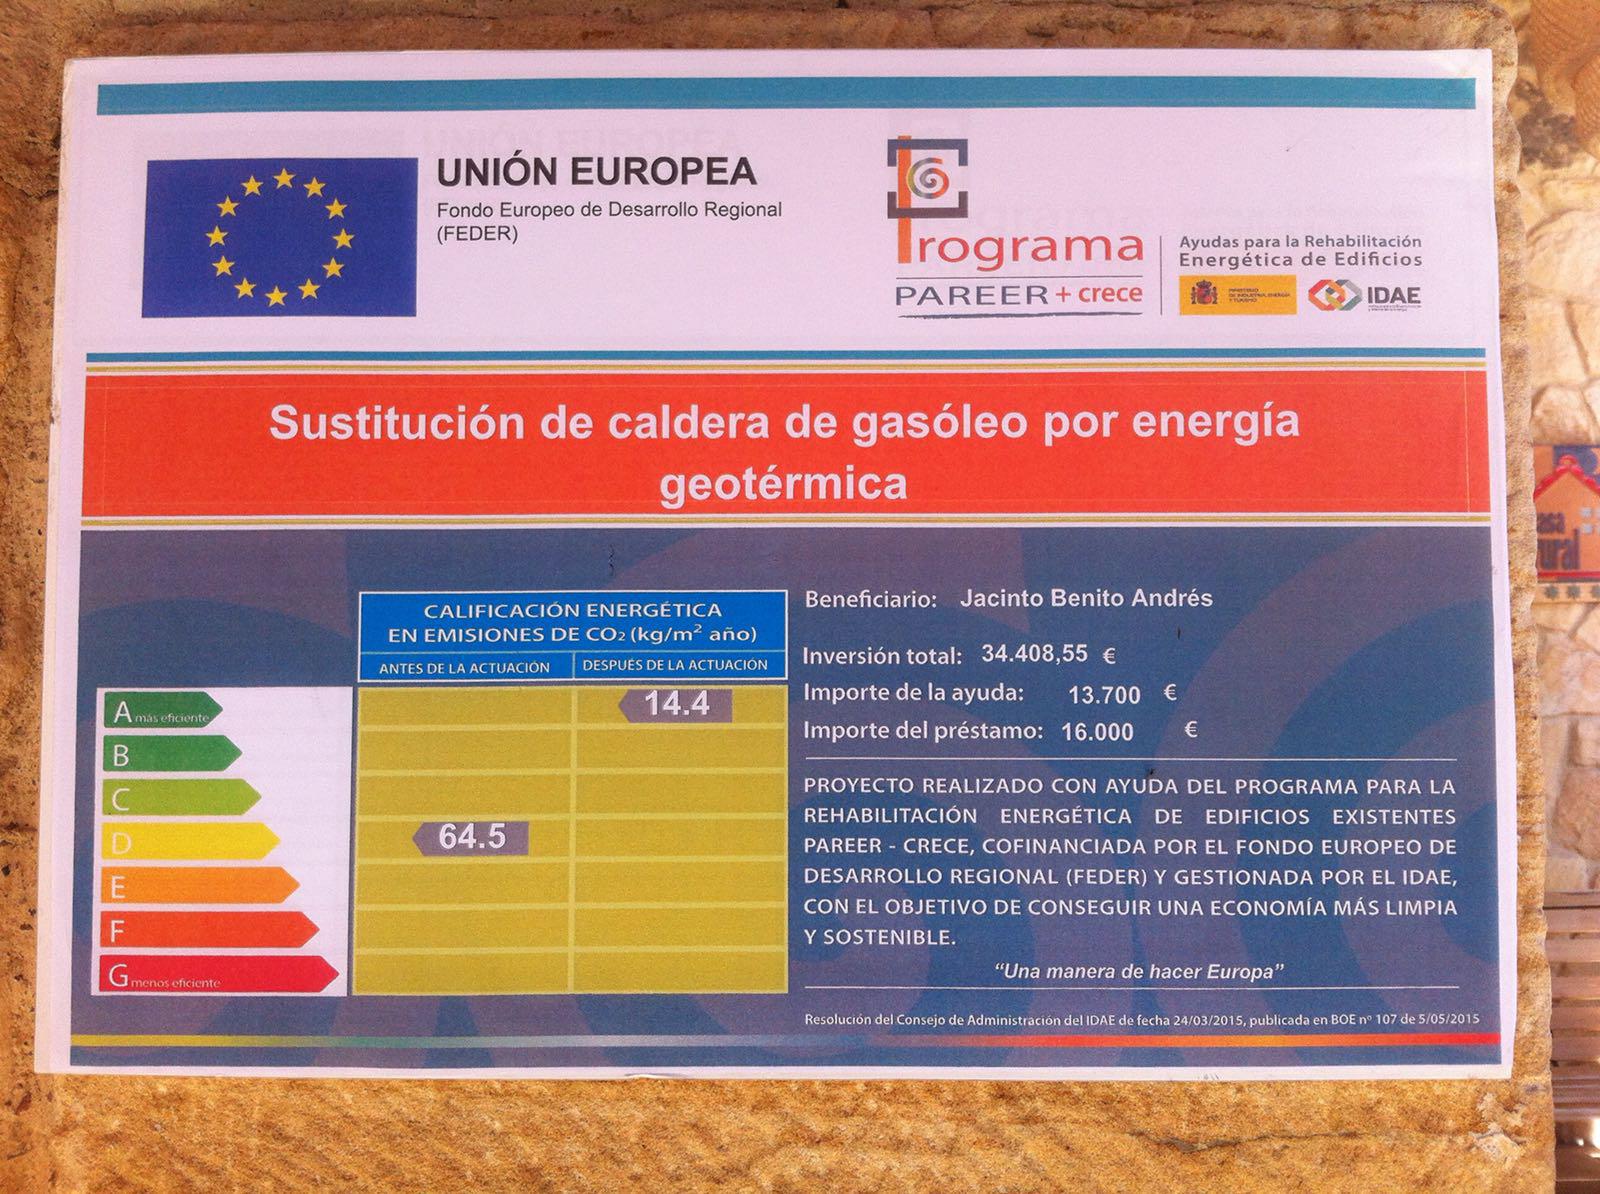 Calificación energética por emisiones de CO2